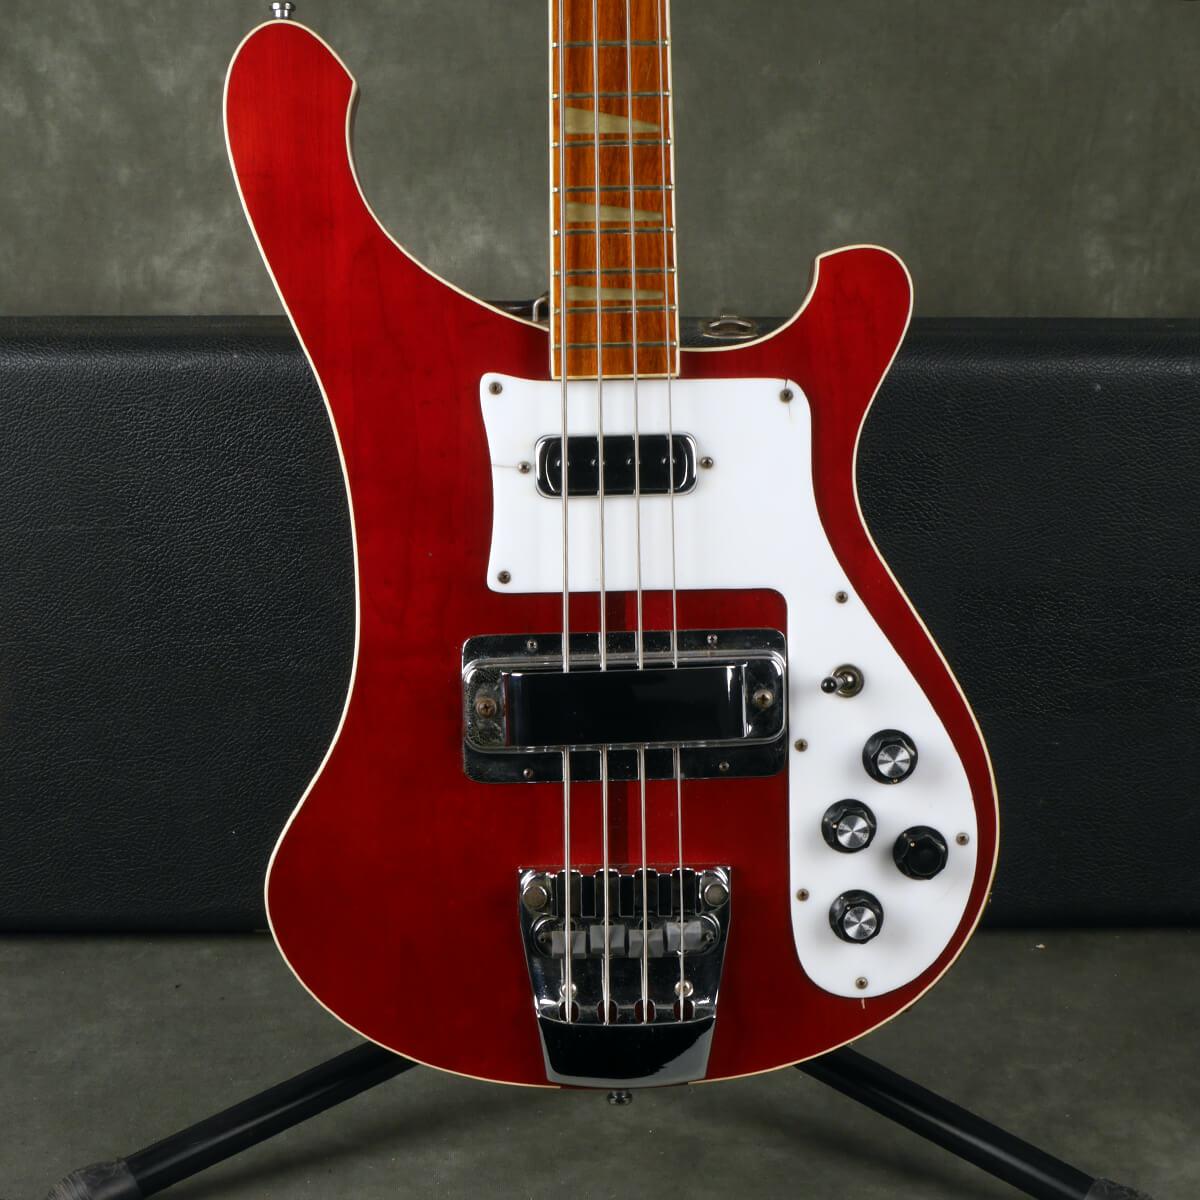 Rickenbacker 1979 4001 Bass - Burgundy Glo w/Hard Case - 2nd Hand